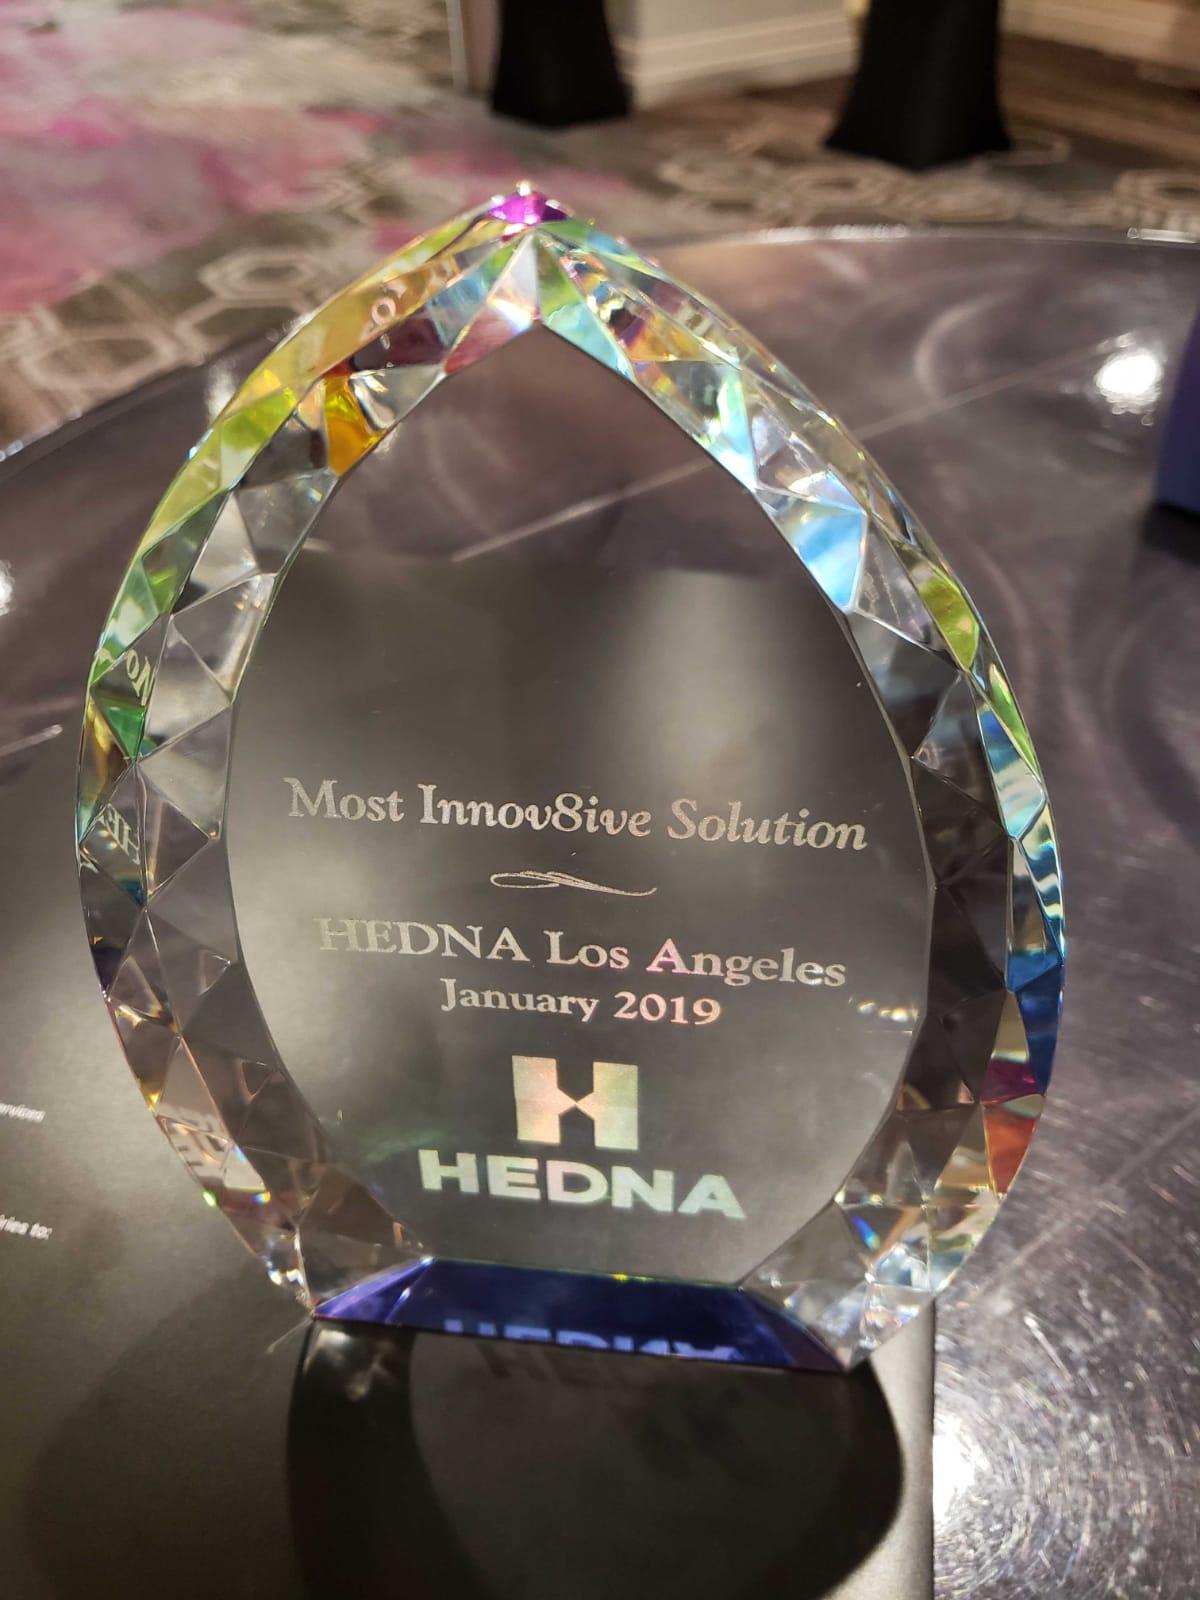 HEDNA 2019 award